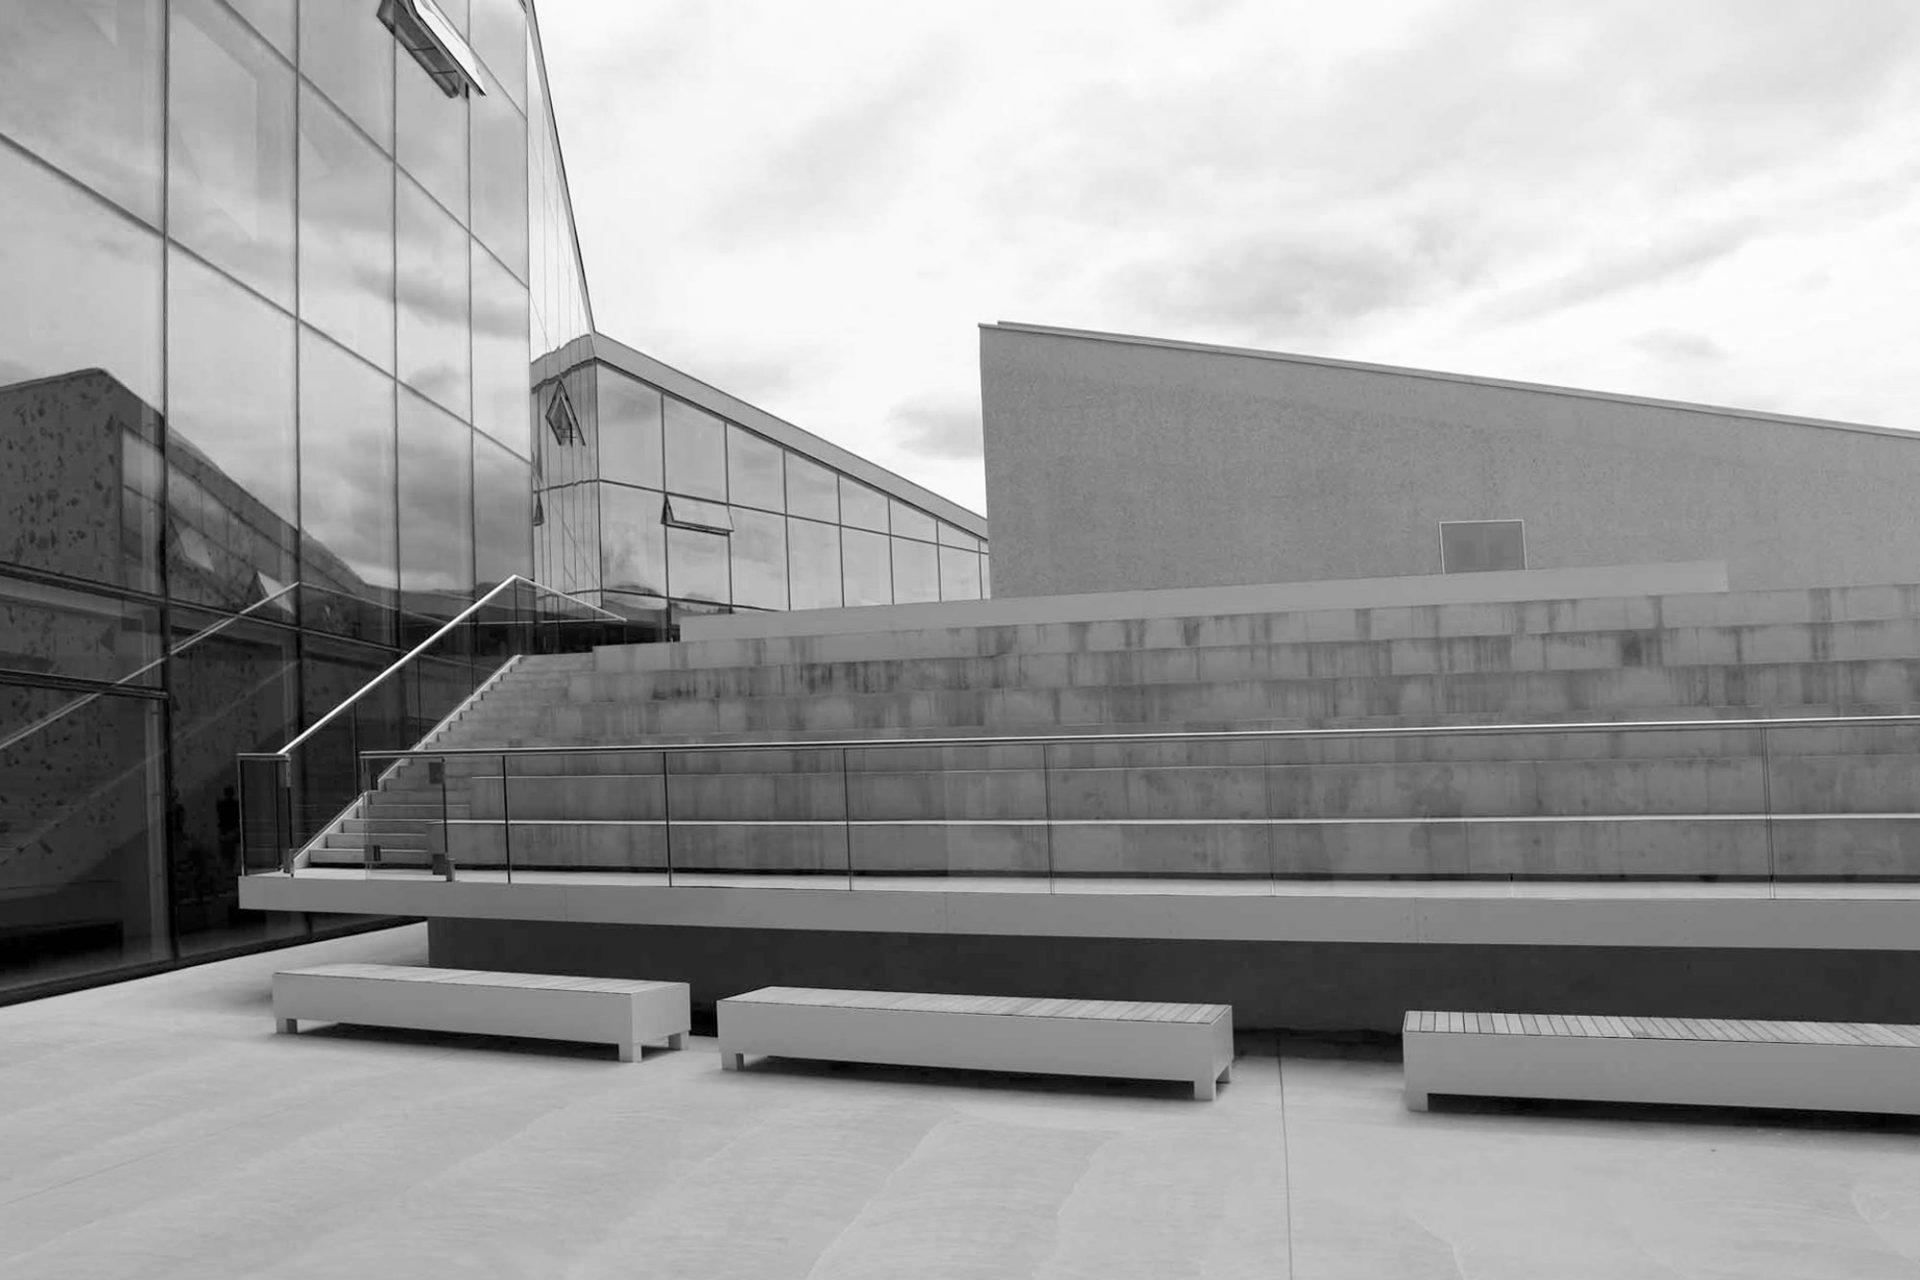 Kletterzentrum Bruneck. Die massive Hülle des Gebäudes wurde fugenlos in Ortbeton mit natürlichen Zuschlägen aus örtlichem Kalkstein ausgeführt.